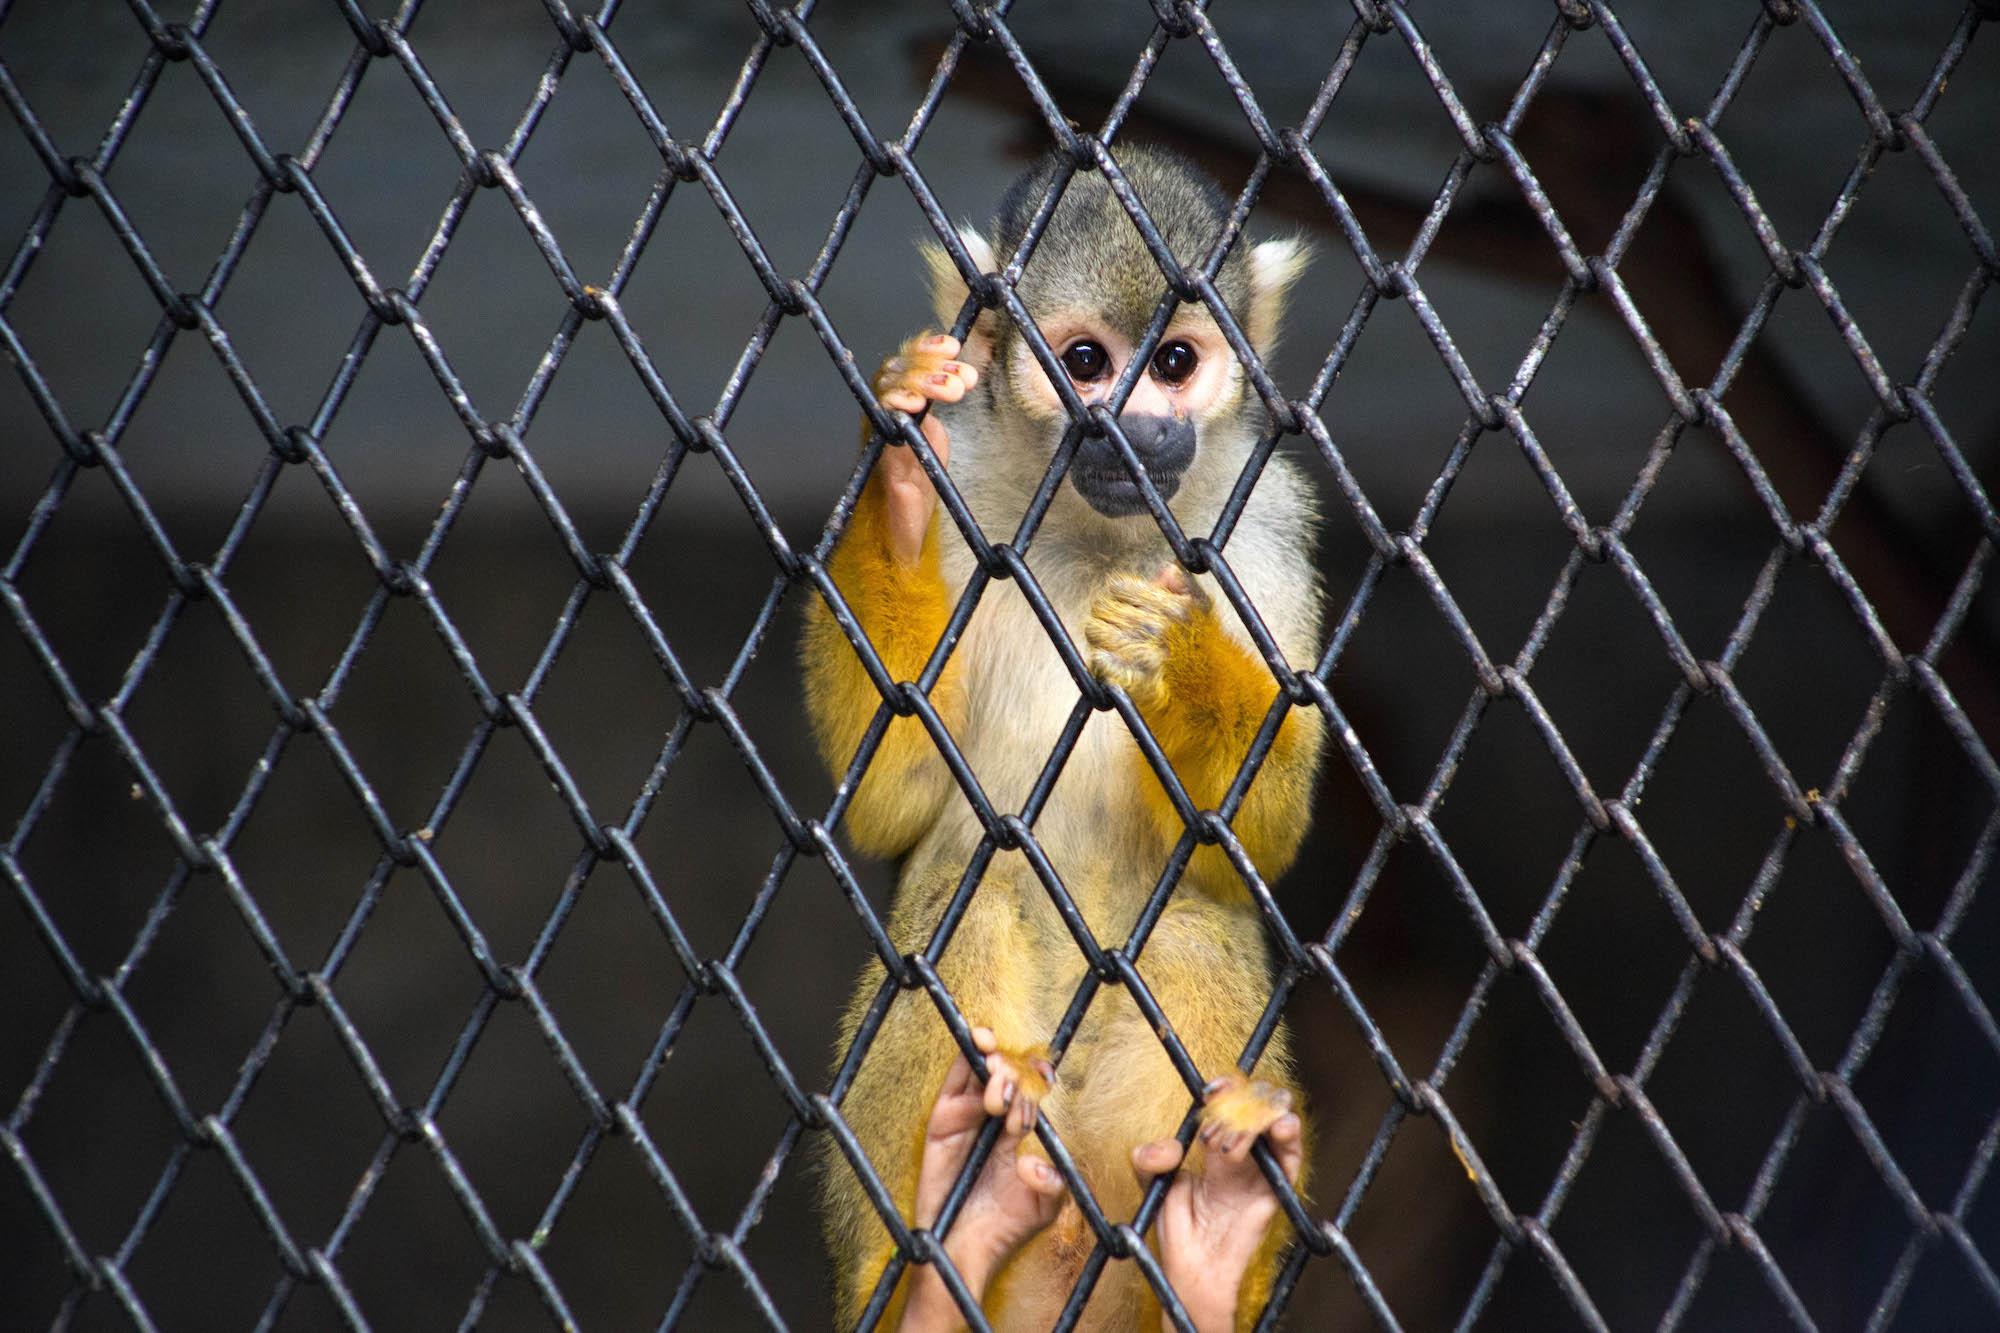 Nuevas rutas y modalidades del tráfico de fauna silvestre en el Perú